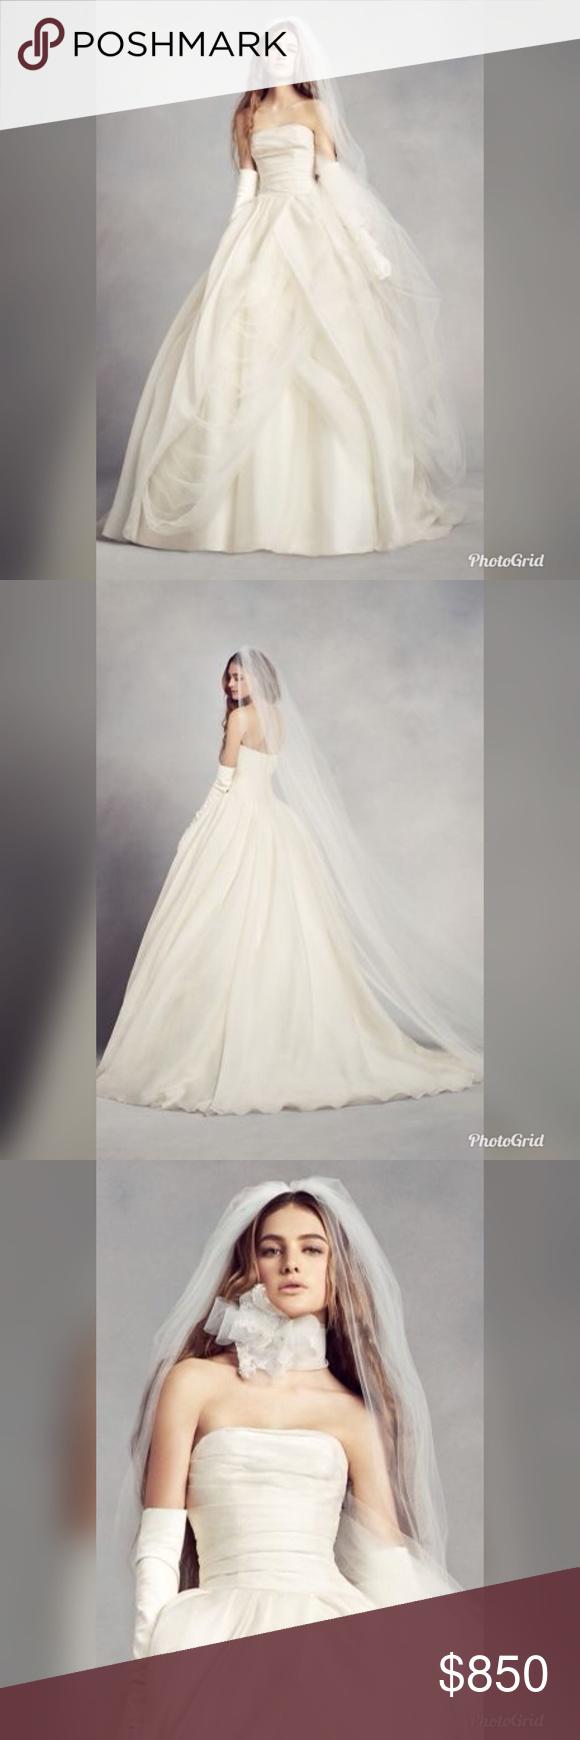 Vera Wang White Vw351178 Wedding Dress Organza White By Vera Wang Organza Wedding Dress